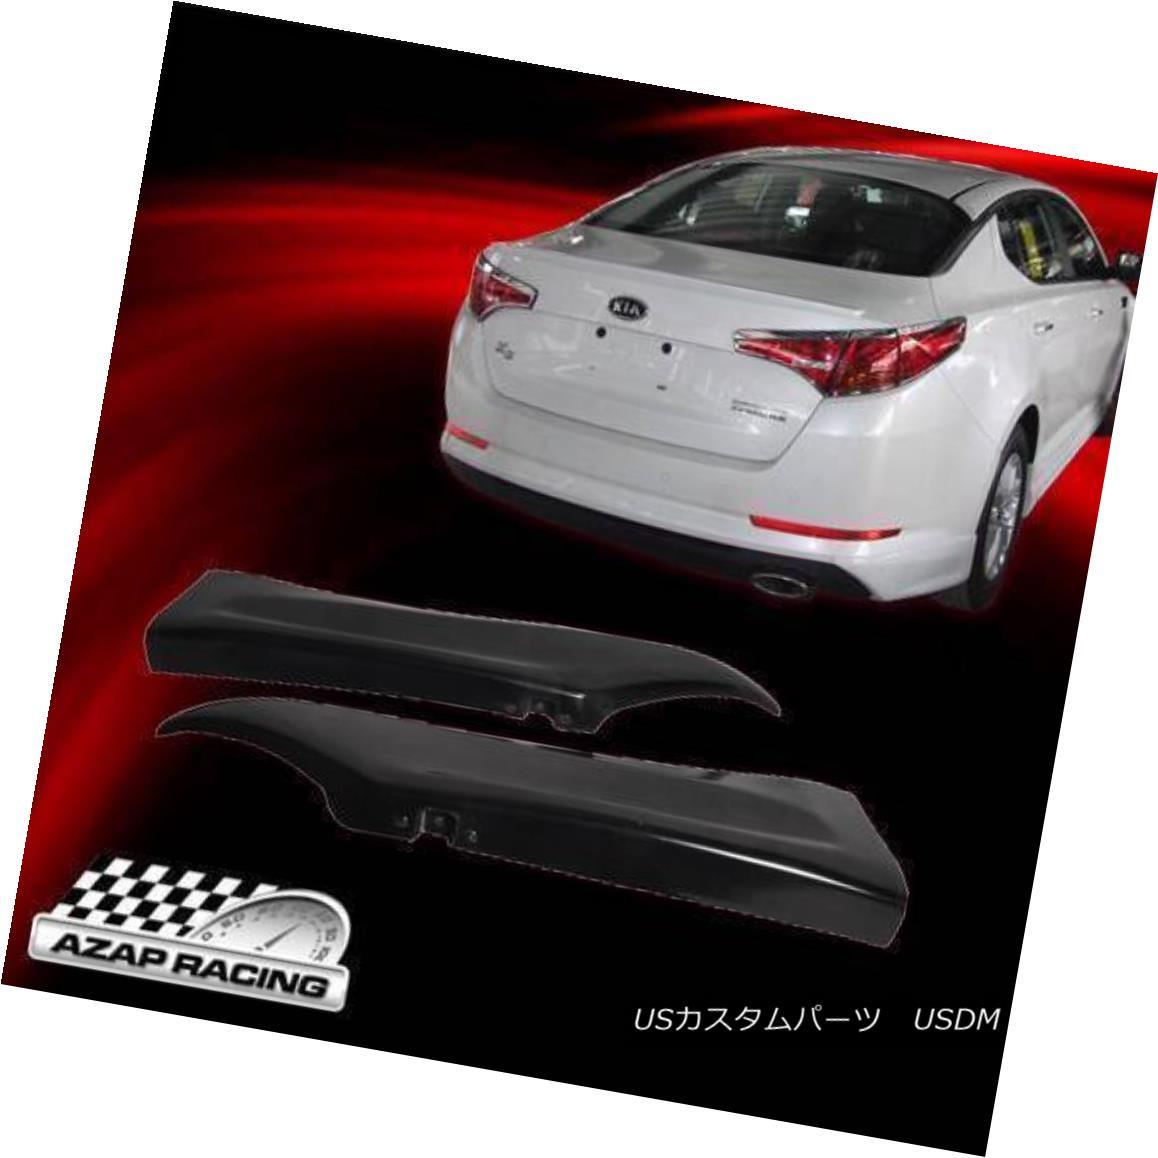 エアロパーツ 2010-2012 Black DS Style PU Polyurethane Rear Bumper Lip Spoiler Fits Kia Optima 2010-2012ブラックDSスタイルPUポリウレタンリアバンパーリップスポイラーフィットキアオプティマ